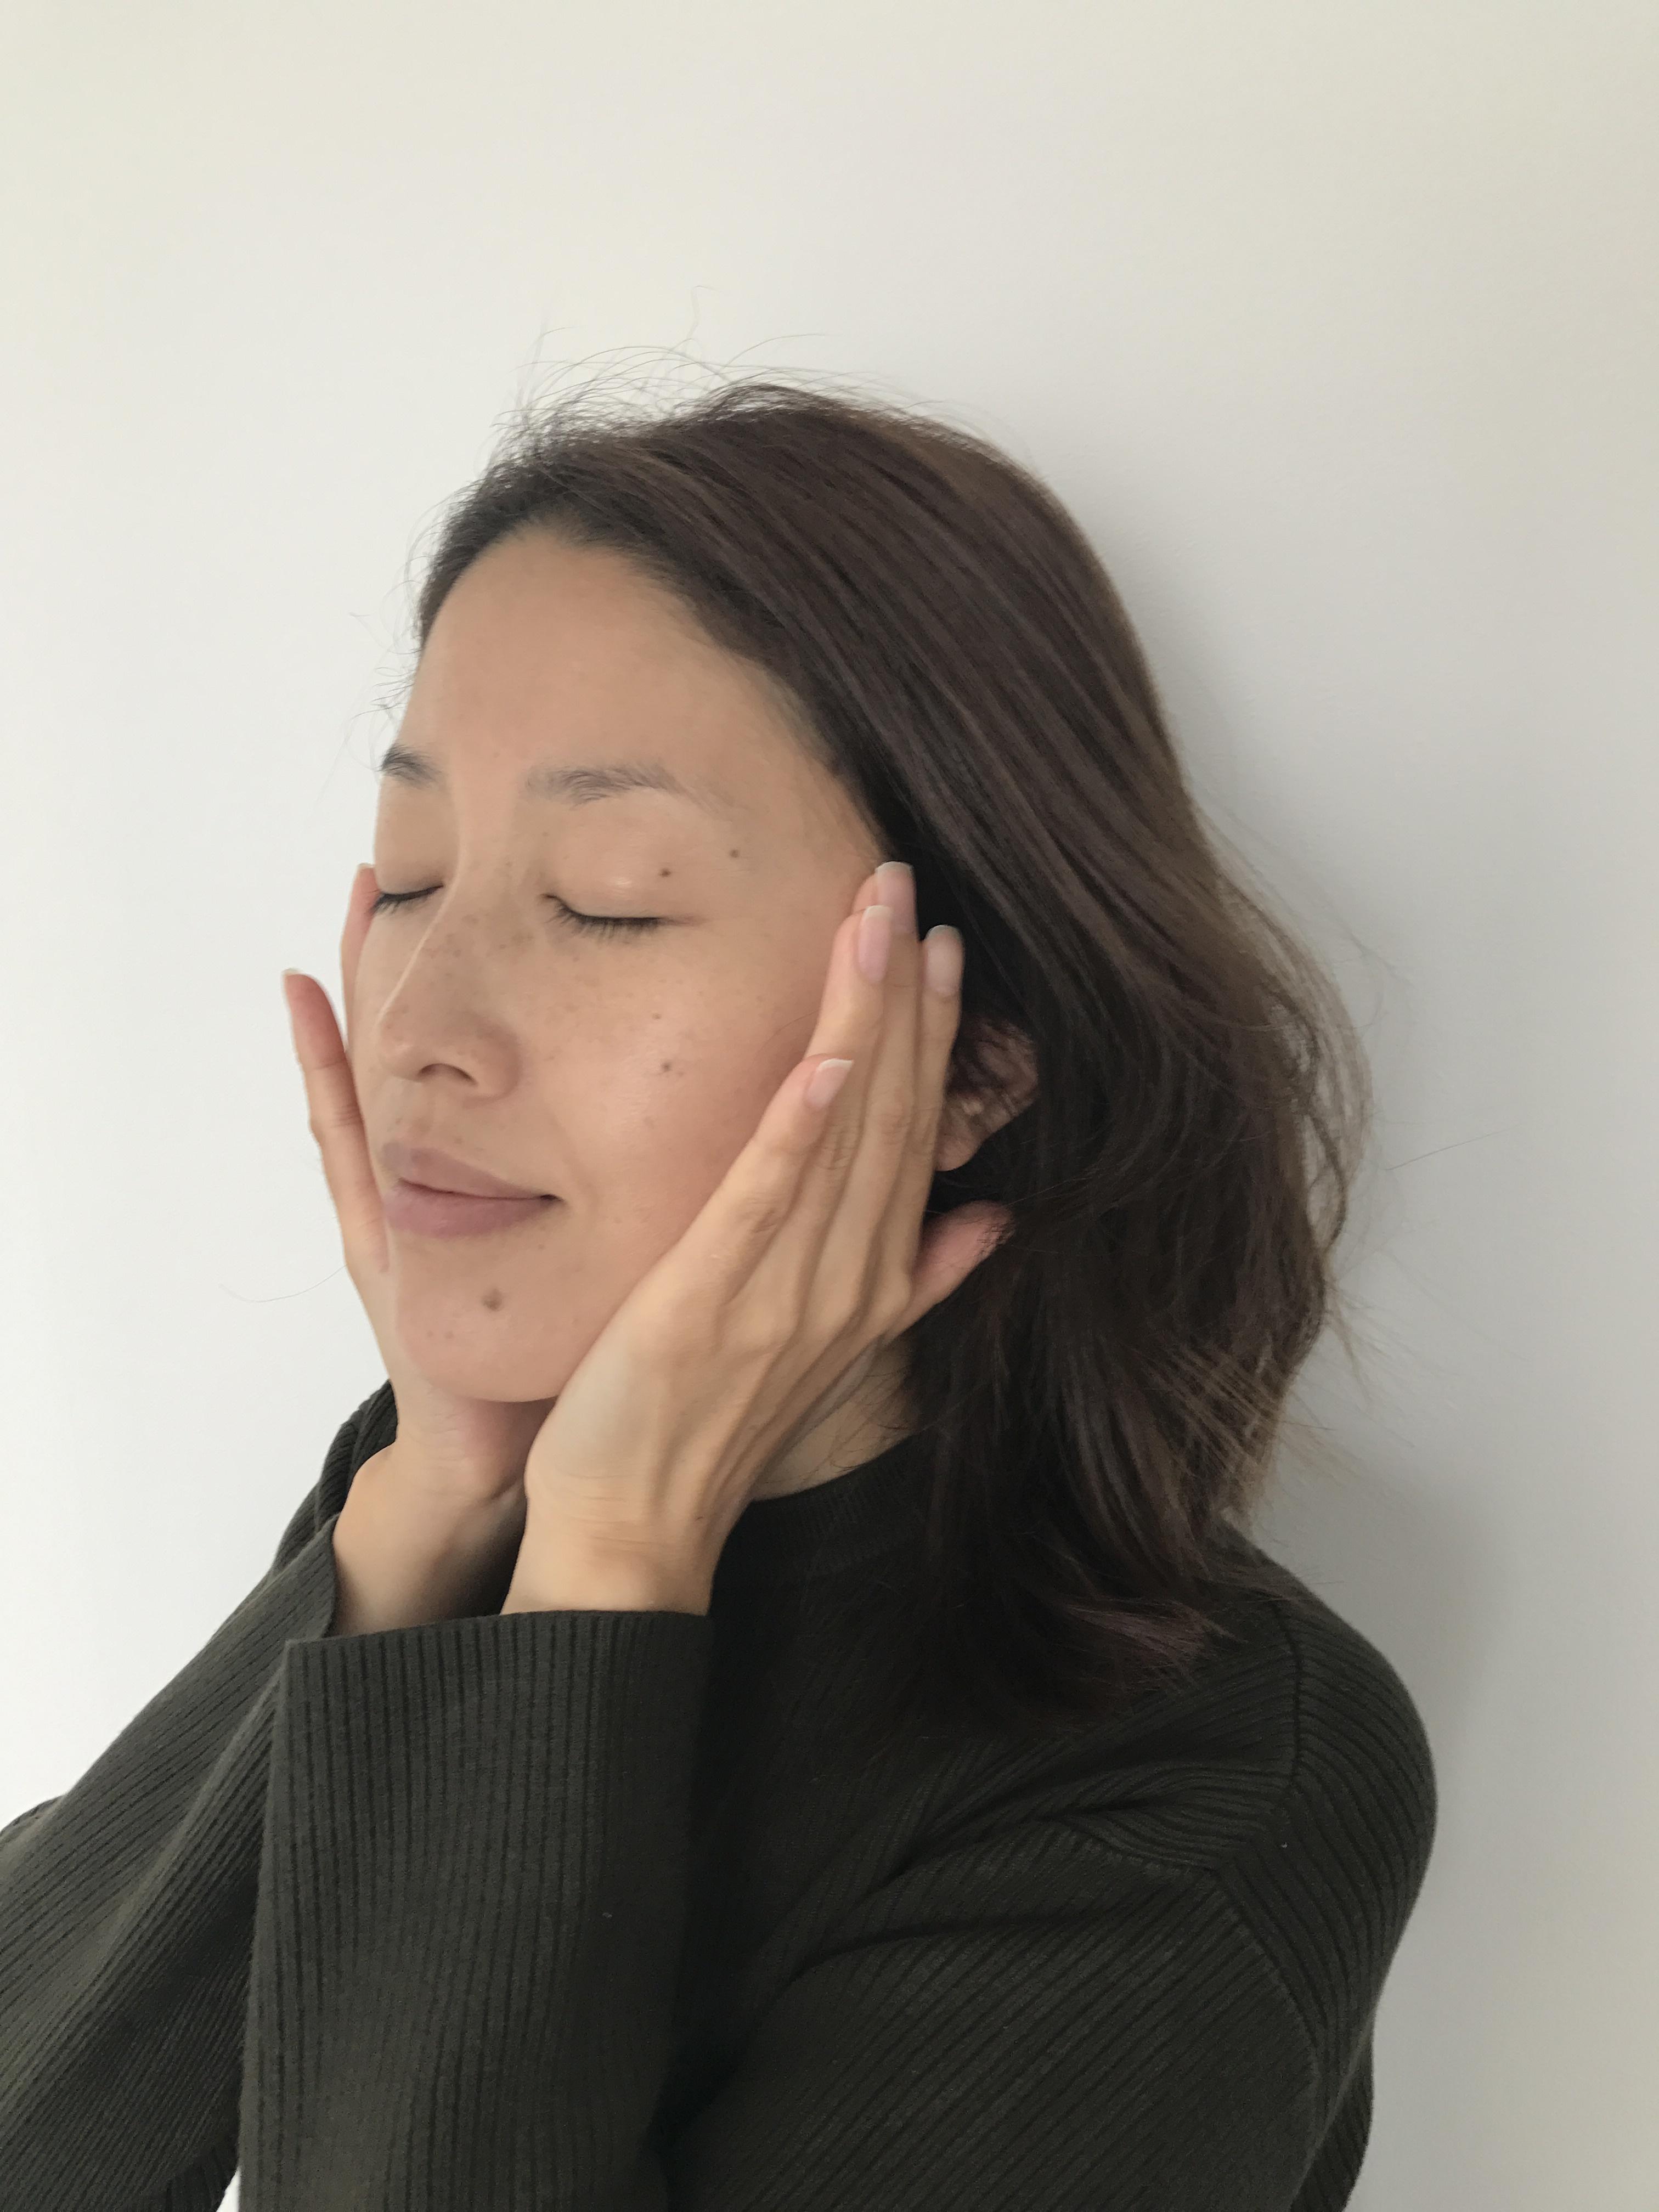 エスト究極の化粧水で「乾燥」知らずの潤い続ける肌へ_1_2-1